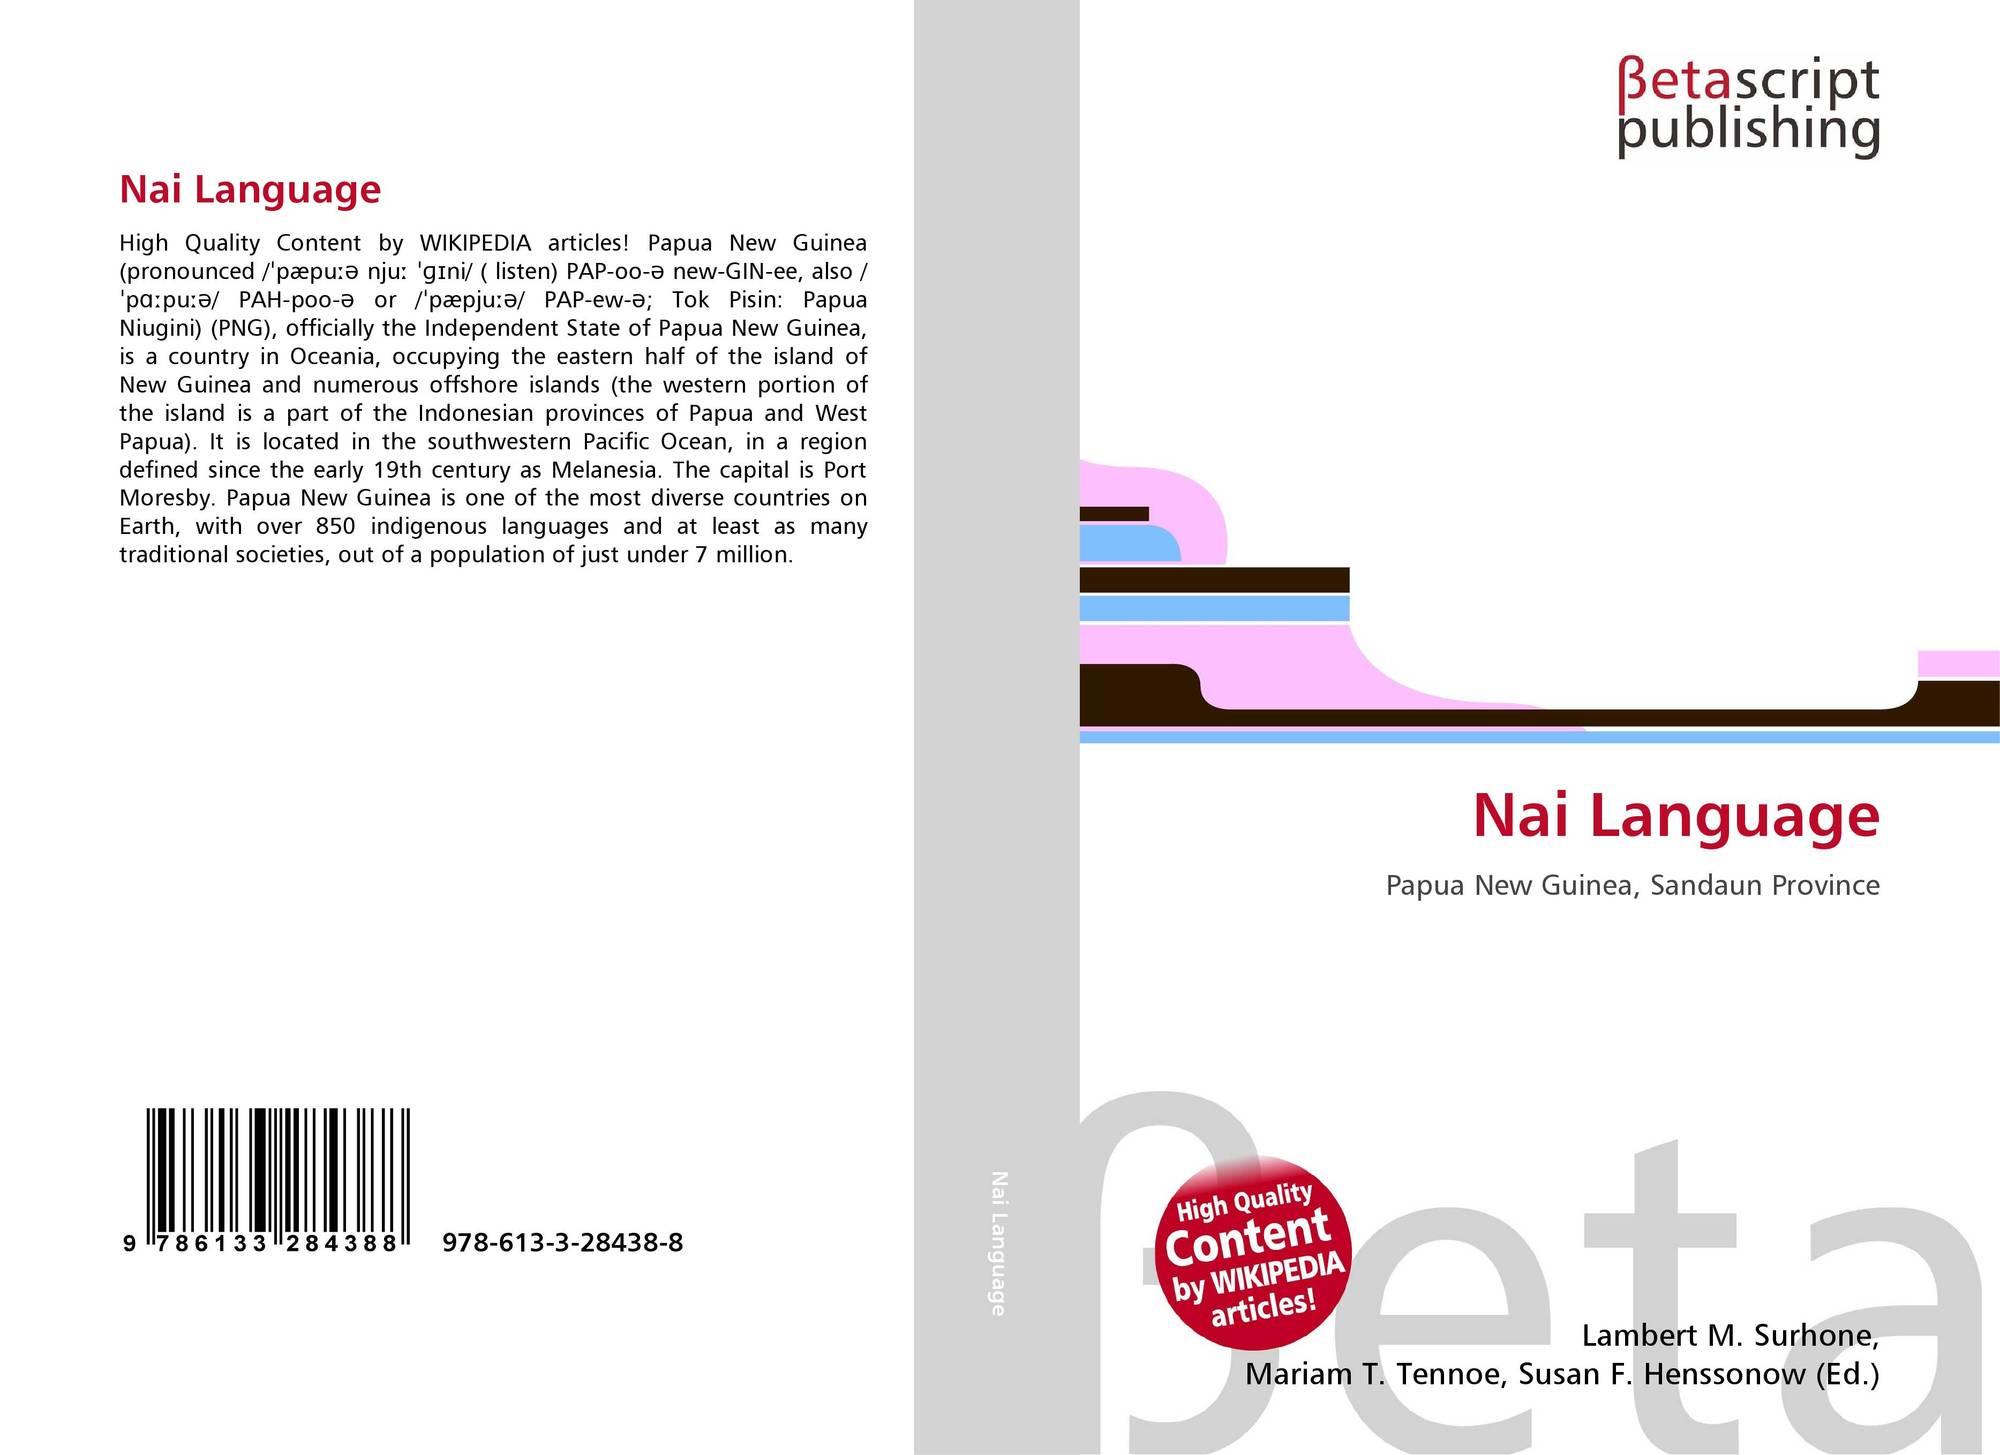 Nai Language, 978-613-3-28438-8, 6133284382 ,9786133284388